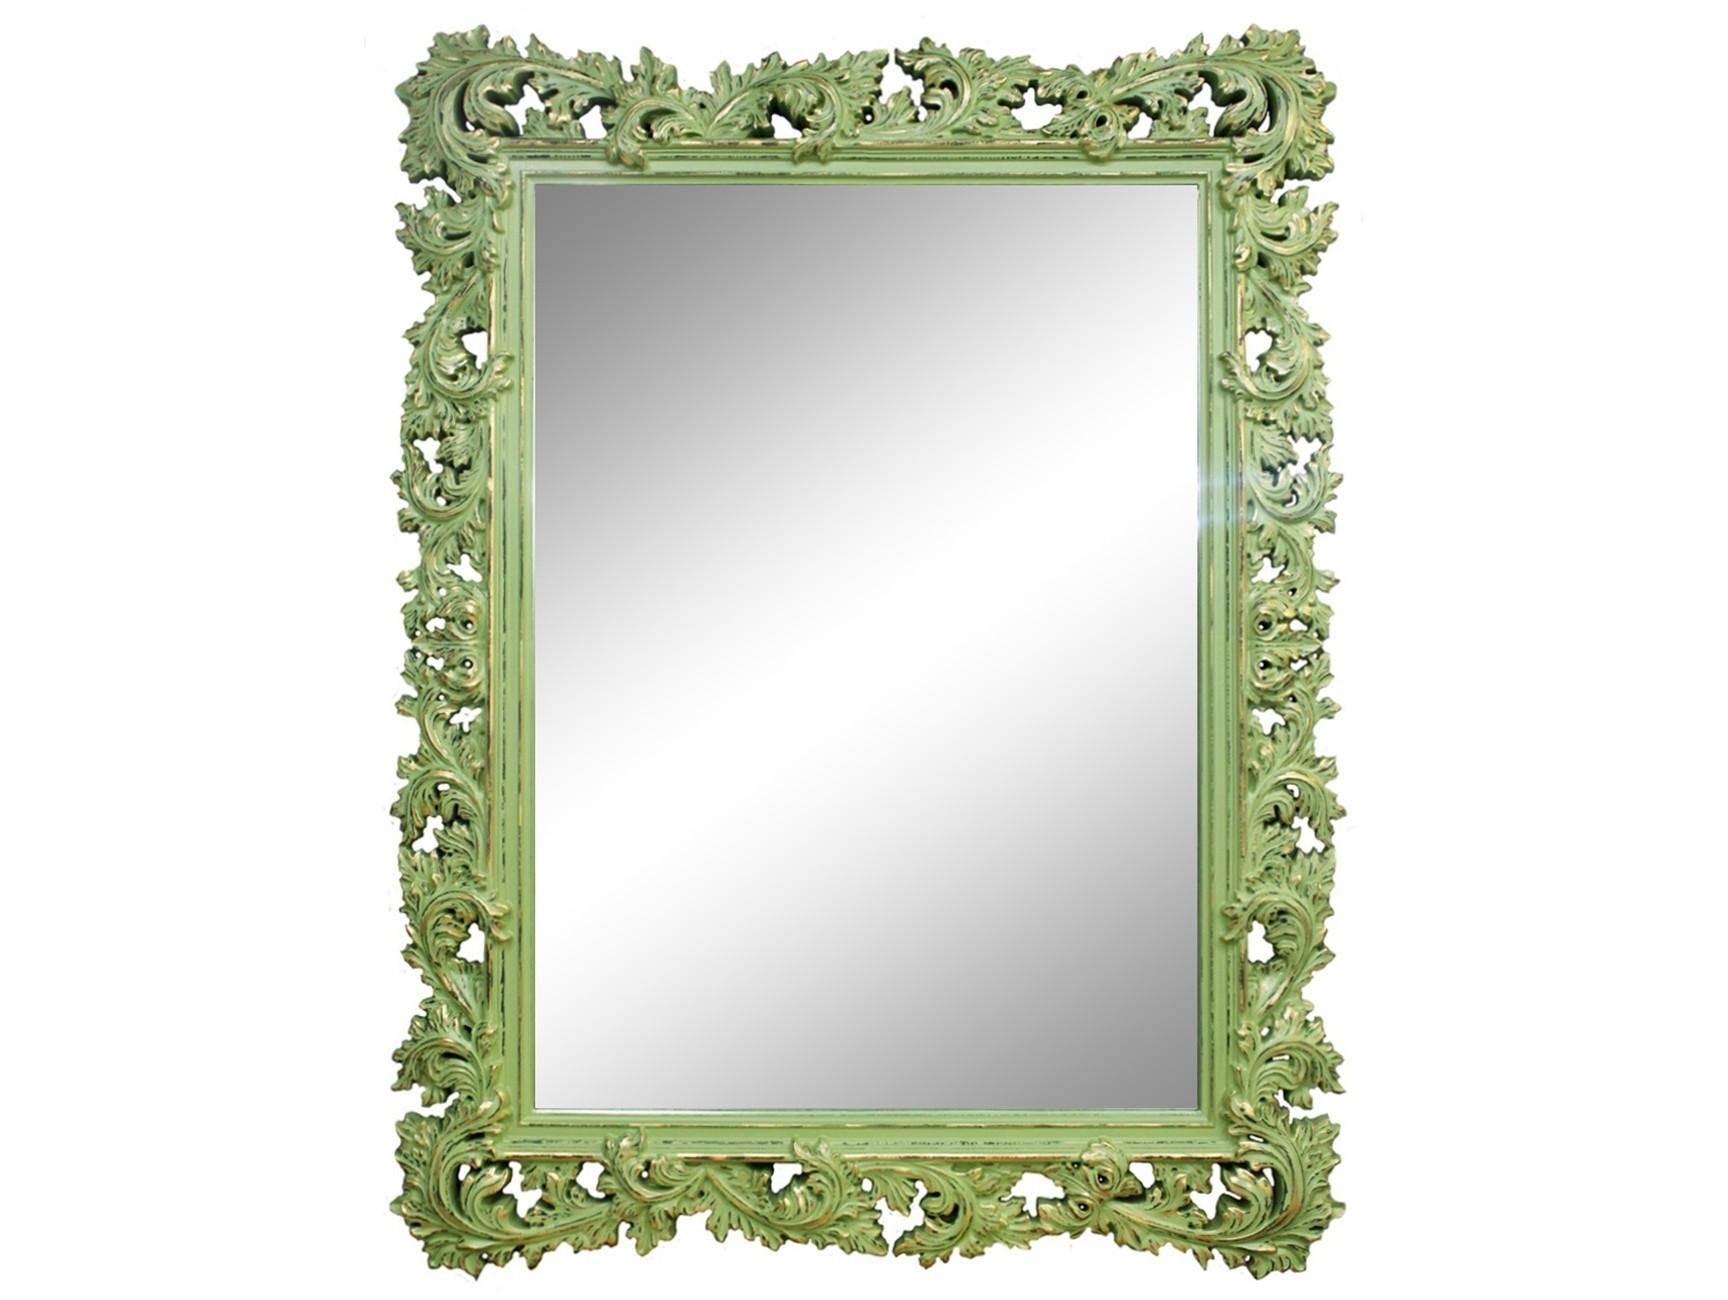 Интерьерное зеркало в стиле ПровансНастенные зеркала<br>&amp;lt;div&amp;gt;Ценители стиля шебби не пройдут мимо этого зеркала. Отлично воспроизведенный винтаж дорогого стоит. Багет изготовлен из мебельного пенополиуретана. Он отлично имитирует и люксовую древесину, и другие материалы. Такая рама очень добротна и прочна, влагоустойчива и может использоваться в ванной комнате. Отдельное внимание — окрашиванию. При помощи сложных составов удалось добиться очень выразительного эффекта &amp;quot;старины глубокой&amp;quot; с характерными потертостями и легким отливом патины.&amp;lt;/div&amp;gt;&amp;lt;div&amp;gt;&amp;lt;br&amp;gt;&amp;lt;/div&amp;gt;&amp;lt;div&amp;gt;&amp;lt;div&amp;gt;Цвет:&amp;amp;nbsp;Олива Шебби-шик Золото&amp;lt;/div&amp;gt;&amp;lt;/div&amp;gt;<br><br>Material: Полиуретан<br>Length см: None<br>Width см: 88<br>Depth см: 4<br>Height см: 115